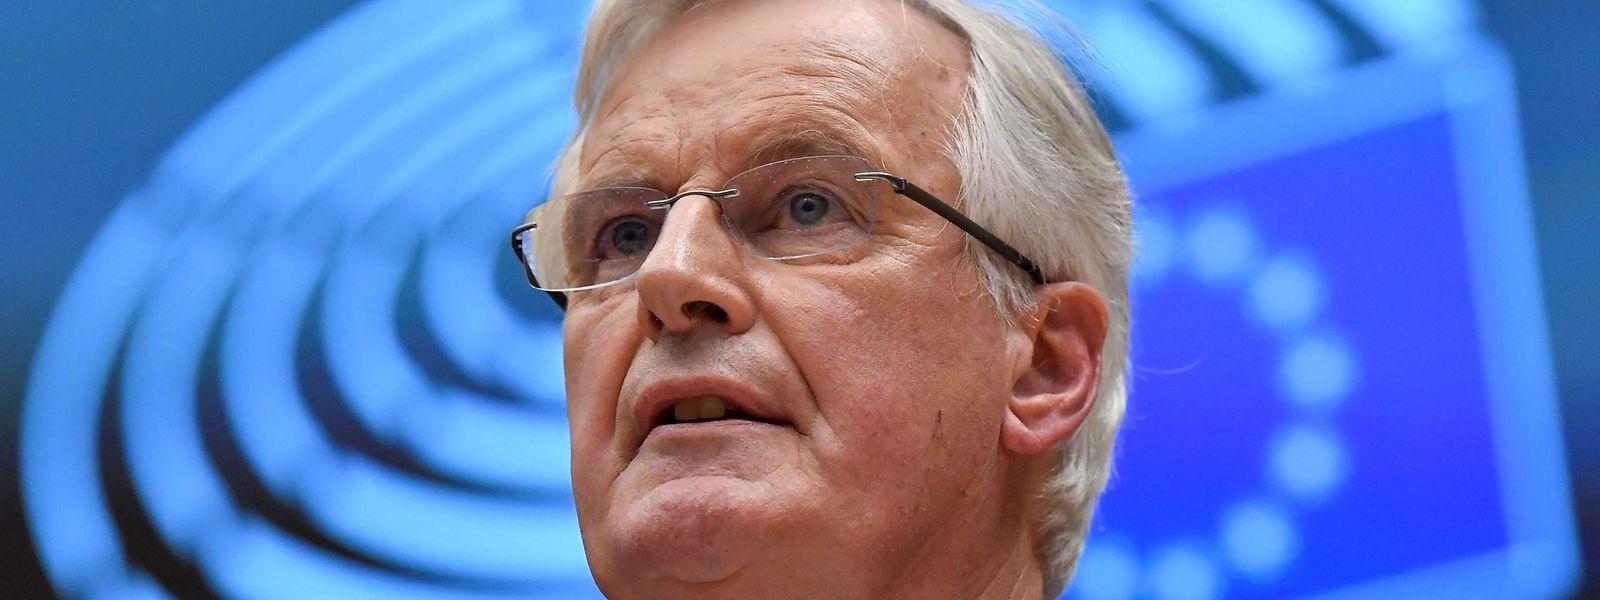 """Selon Michel Barnier, négociateur en chef européen, les Britanniques chercheraient à obtenir «une sorte de """"best of"""" (...) des accords commerciaux»."""